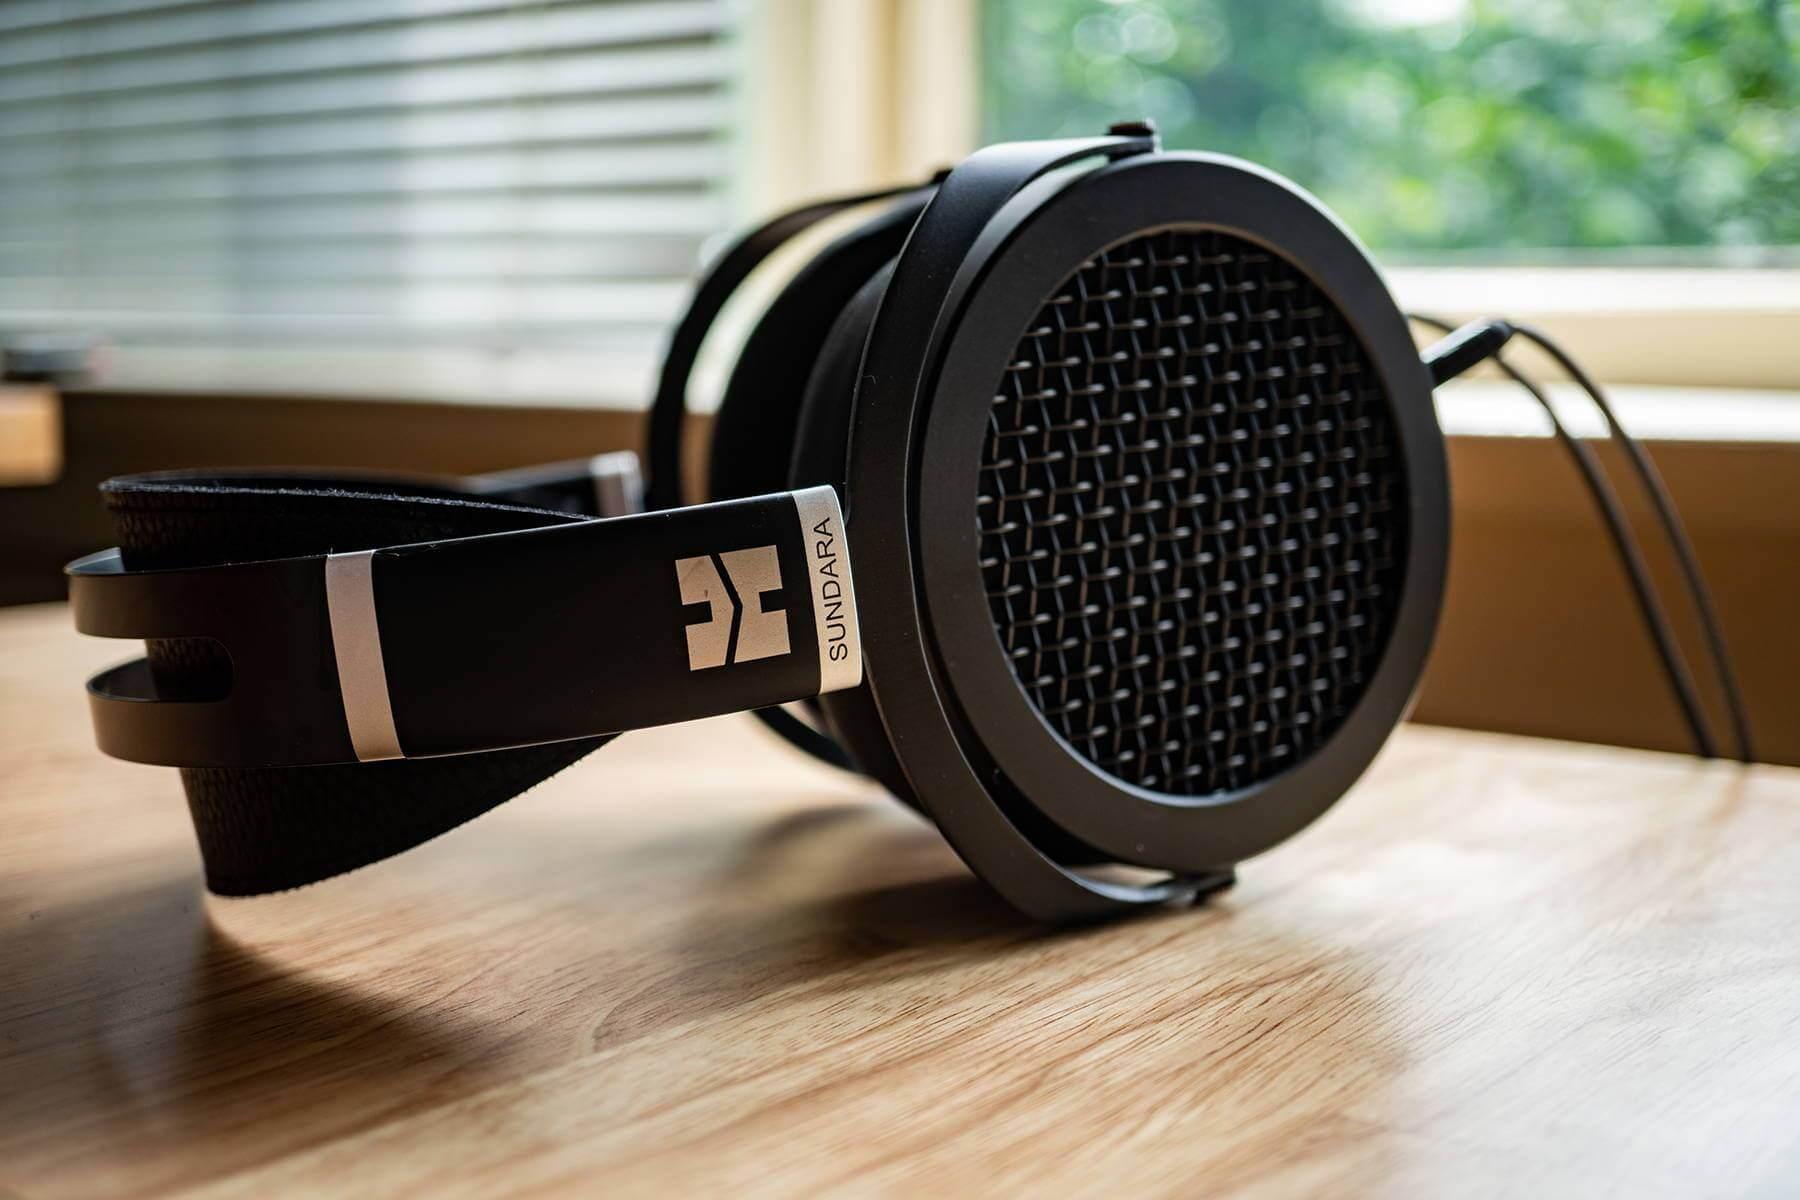 Hifiman Sundara Planar Magnetic Headphones - Review